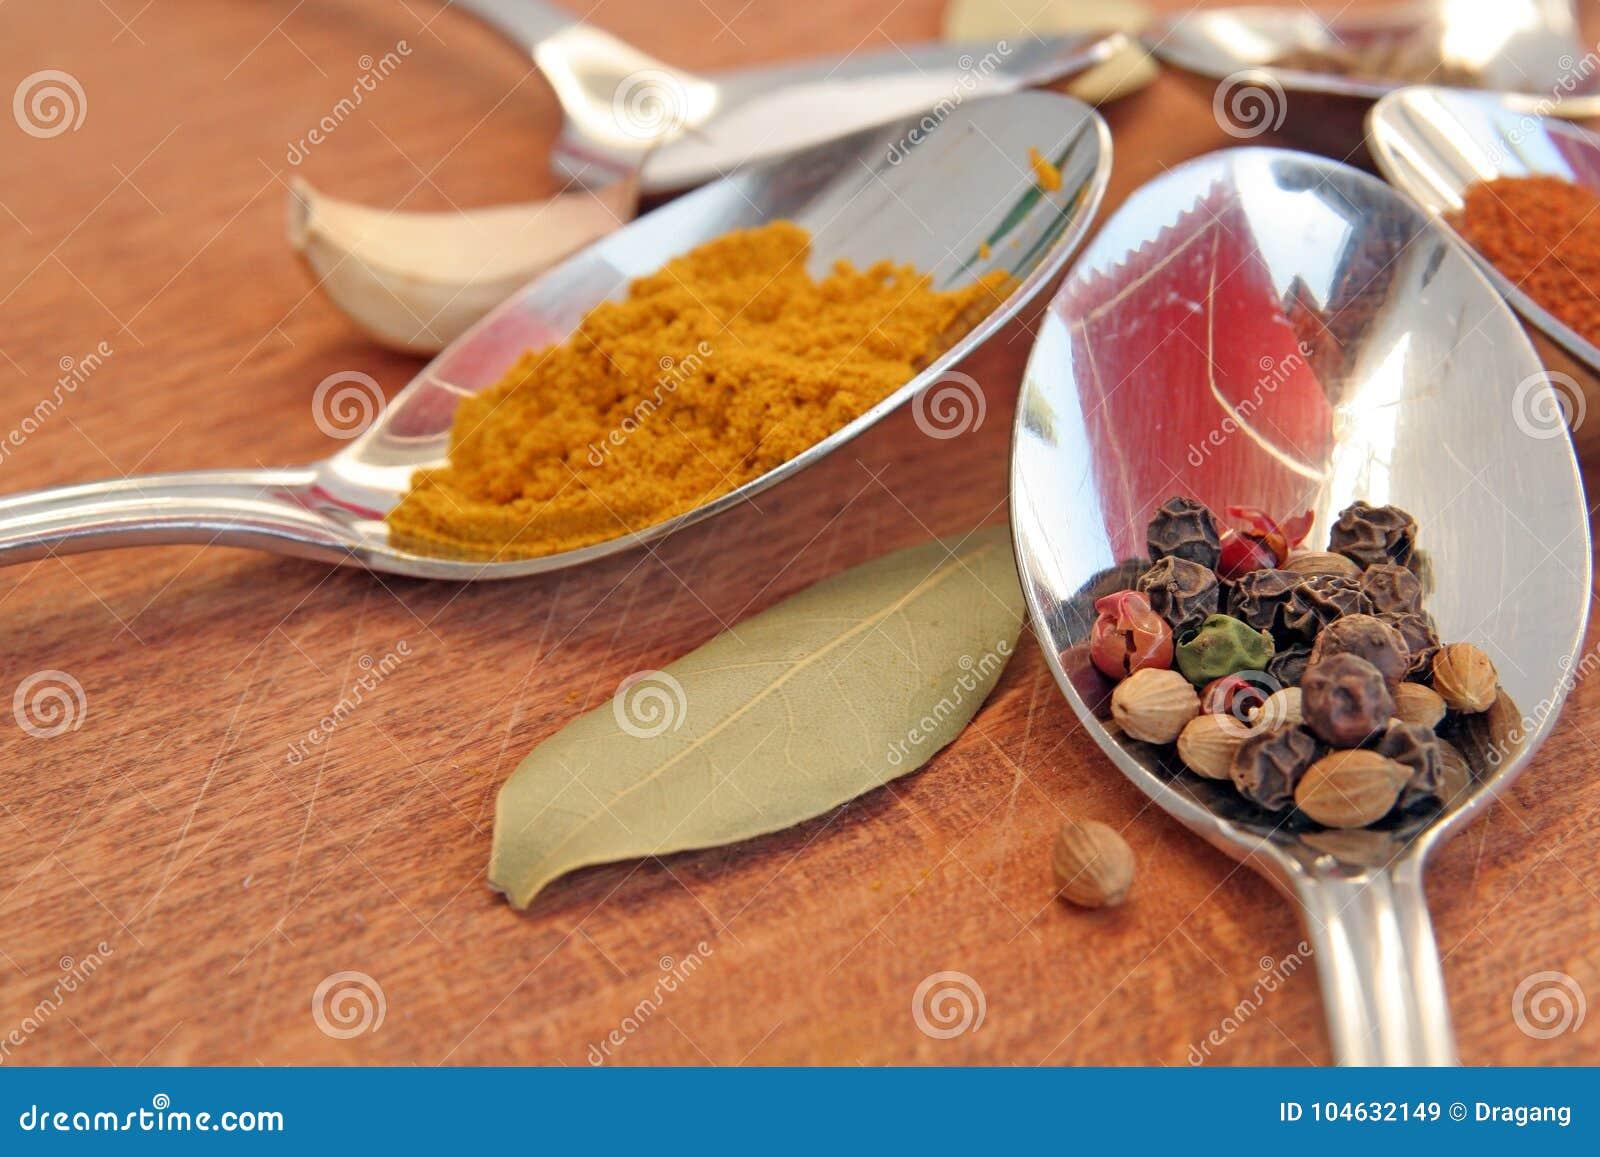 Download Kokende Kruiden Voedselkruiden Kruiden In Theelepeltjes Stock Afbeelding - Afbeelding bestaande uit kerrie, gezond: 104632149